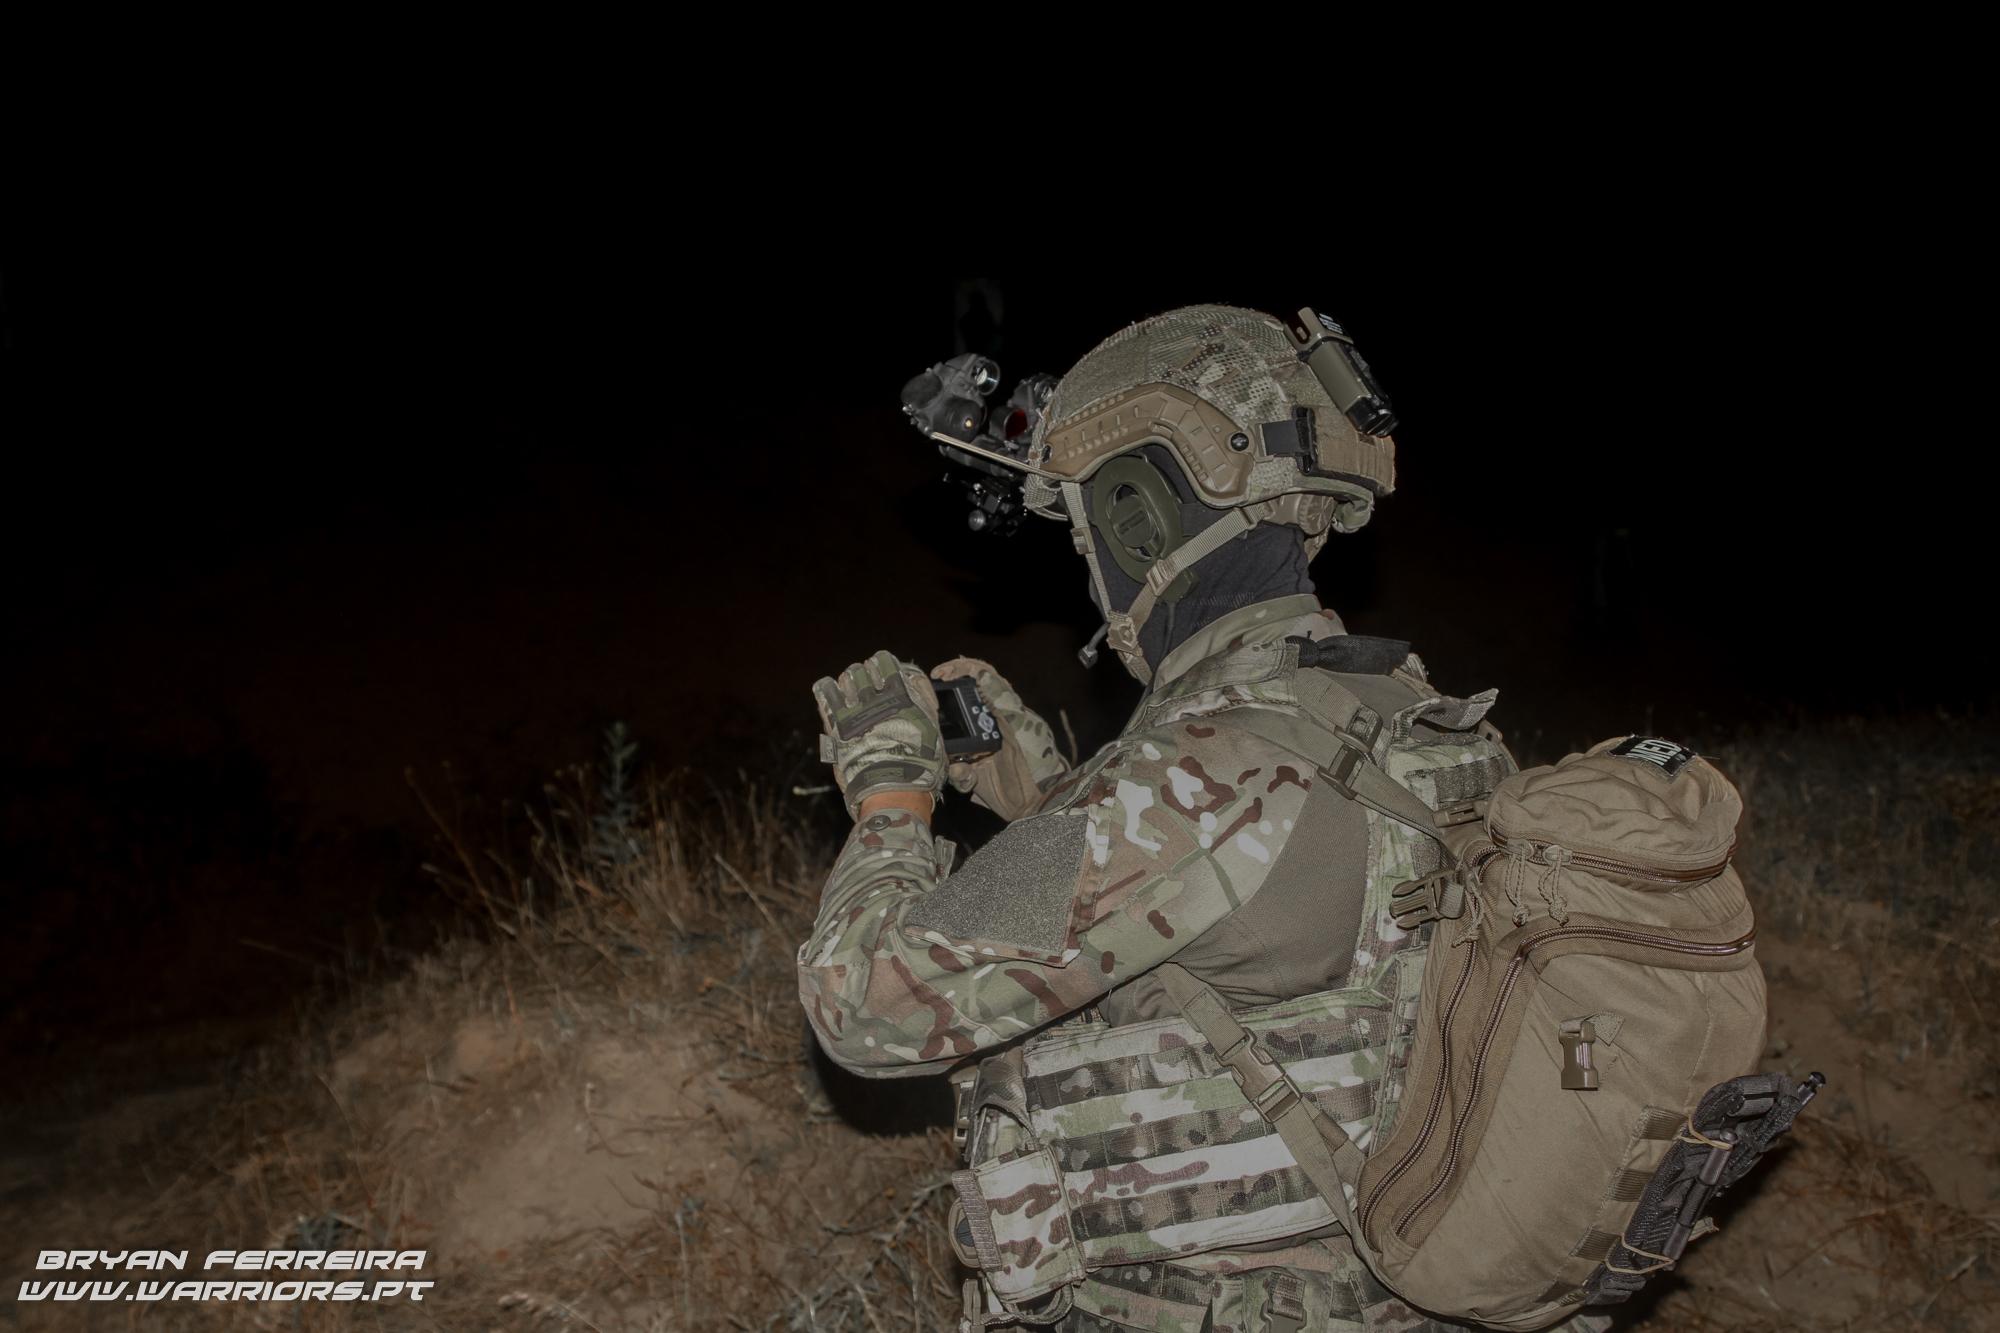 O elemento socorrista da Força de Operações Especiais (Army SOF) Portuguesa tira fotografias para usar como meio de prova.